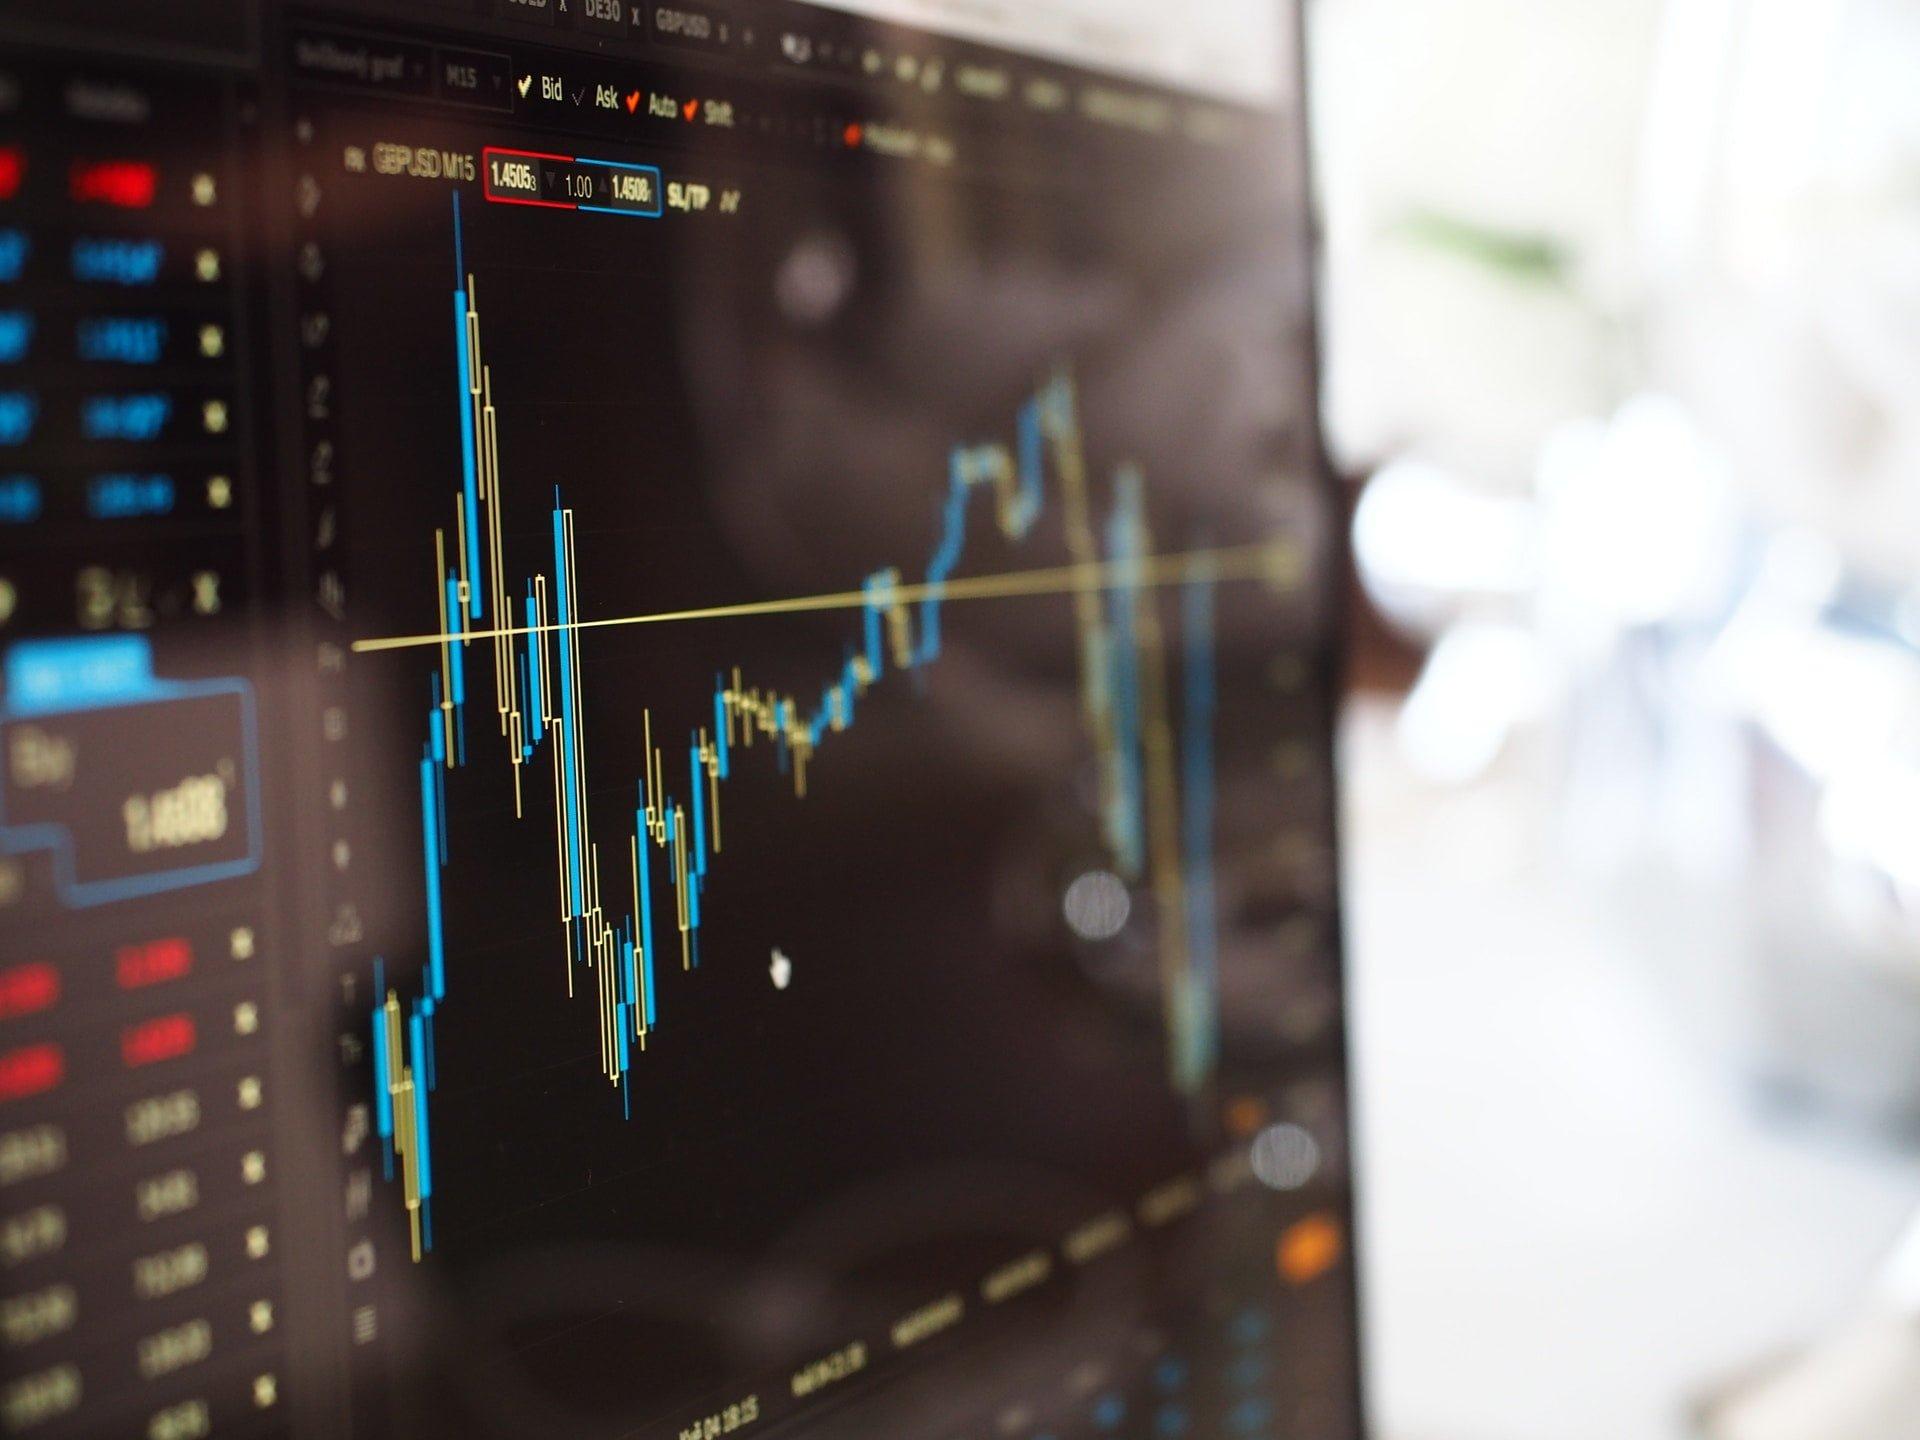 108年06月06日 股市漲幅排行最高前 10 名公司